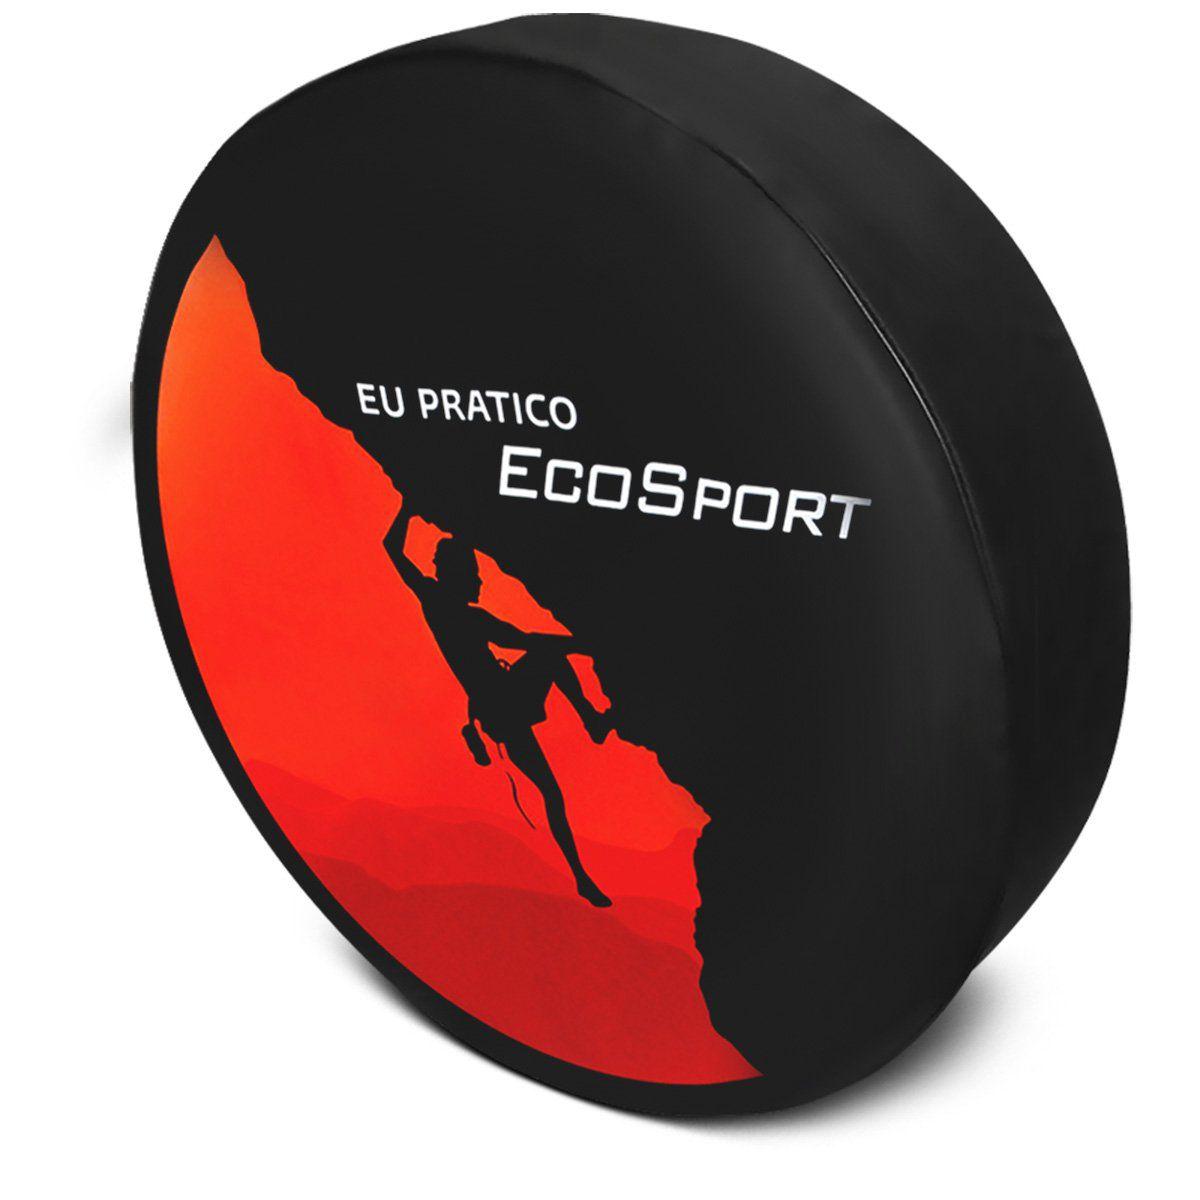 Capa de Estepe Ecosport Eu Pratico Ecosport PVC